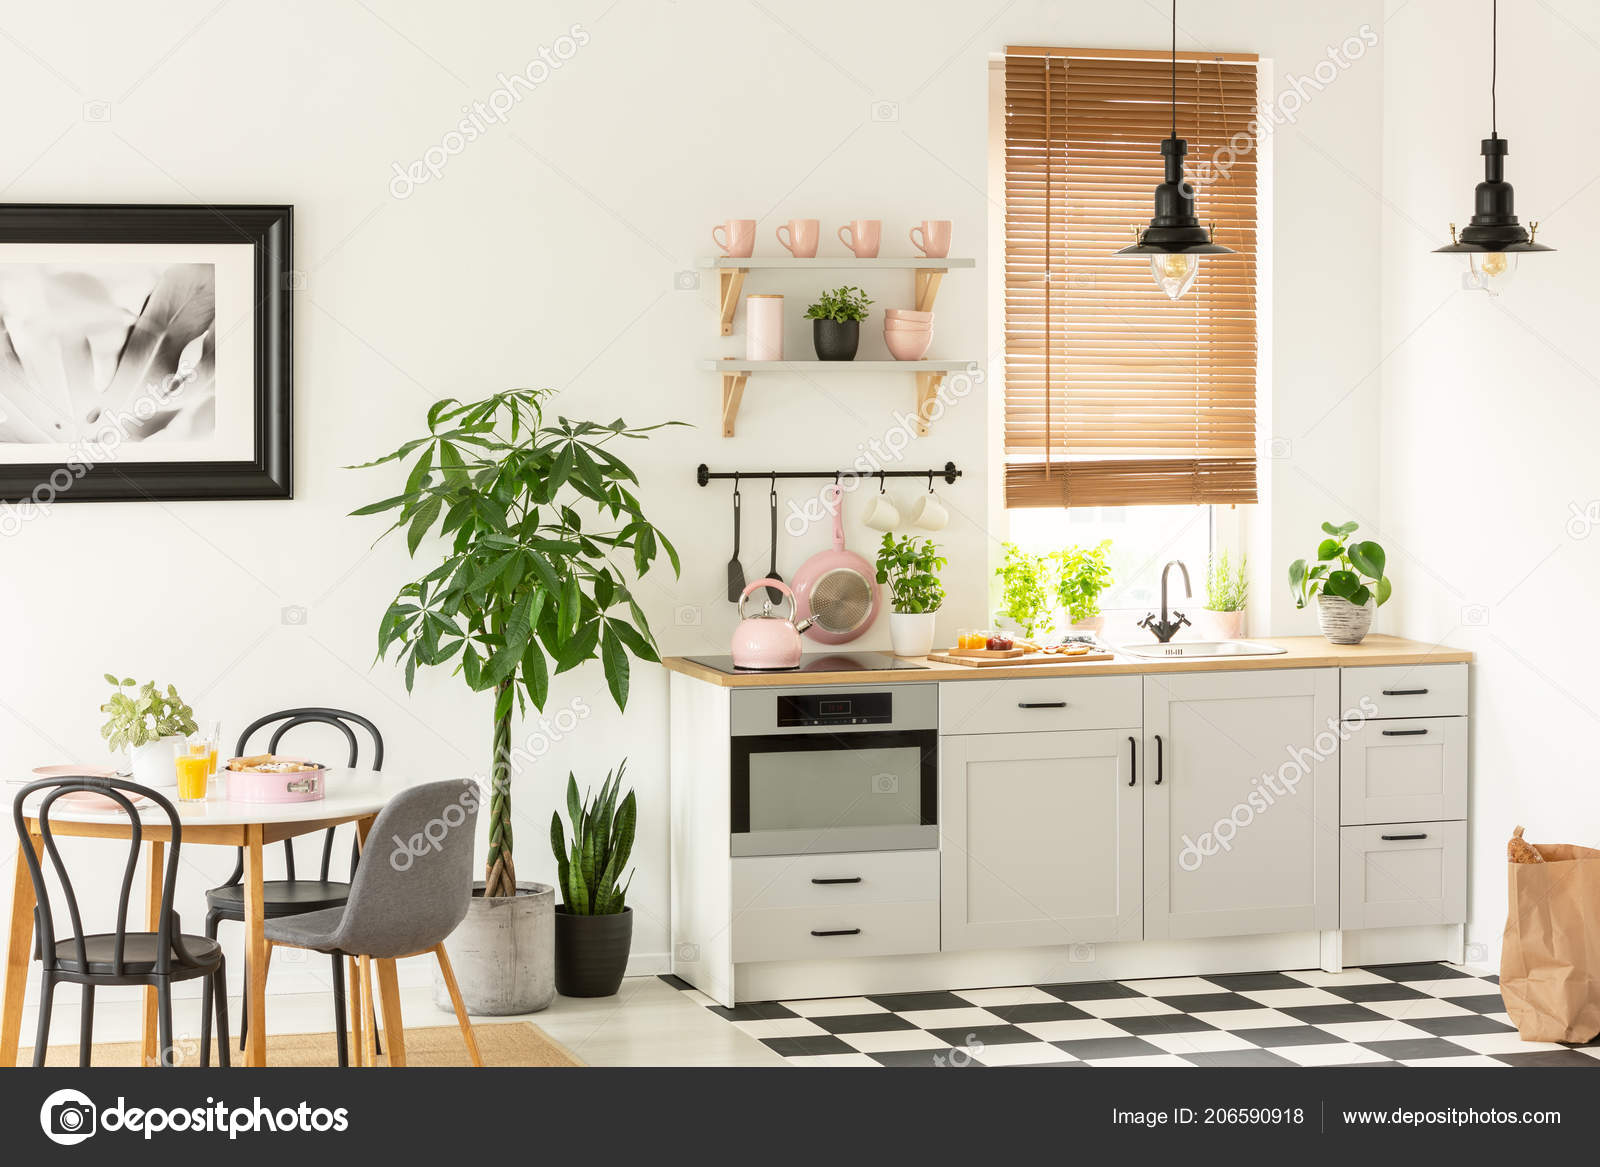 Foto Reale Interiore Moderno Della Cucina Con Armadi Piante Ripiani ...